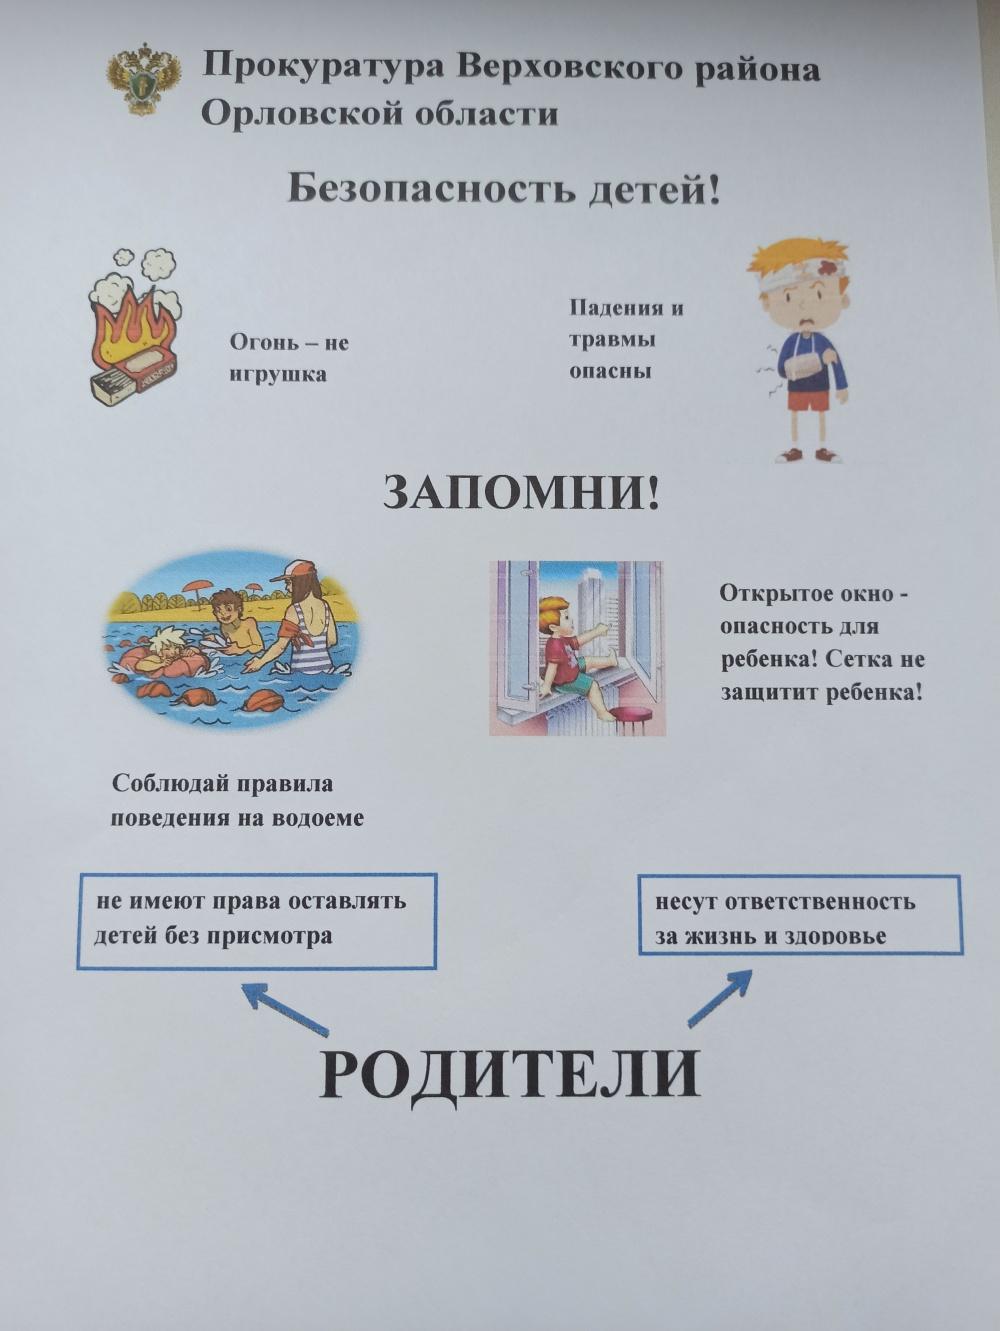 Памятка - Безопасность детей!!!